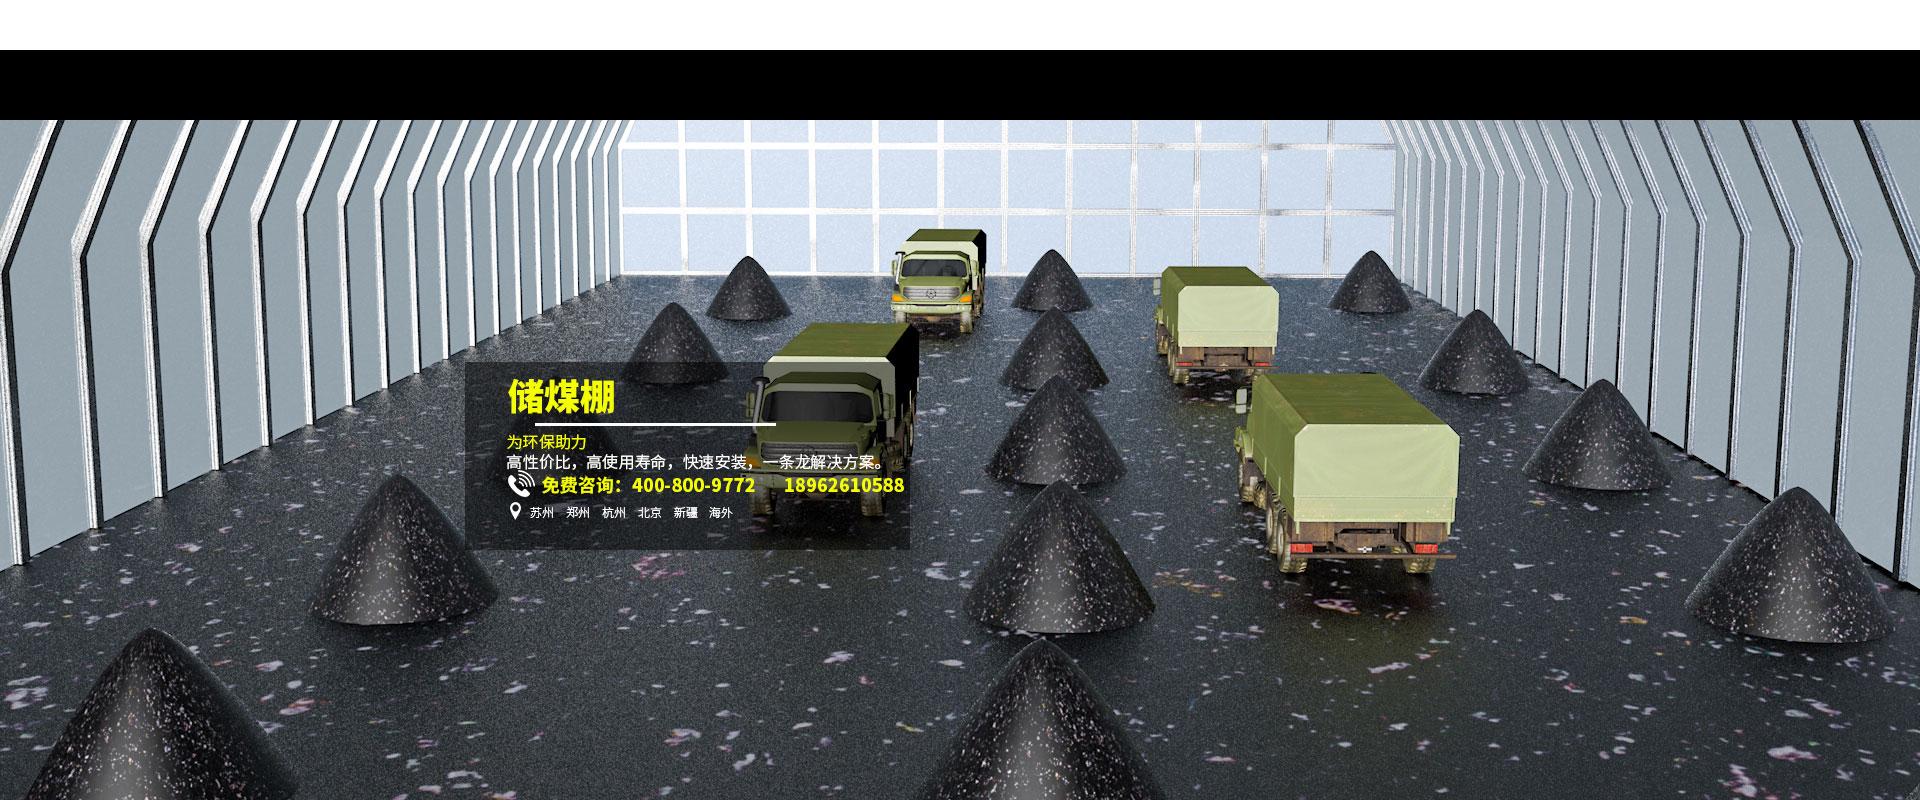 西北工業儲煤篷房